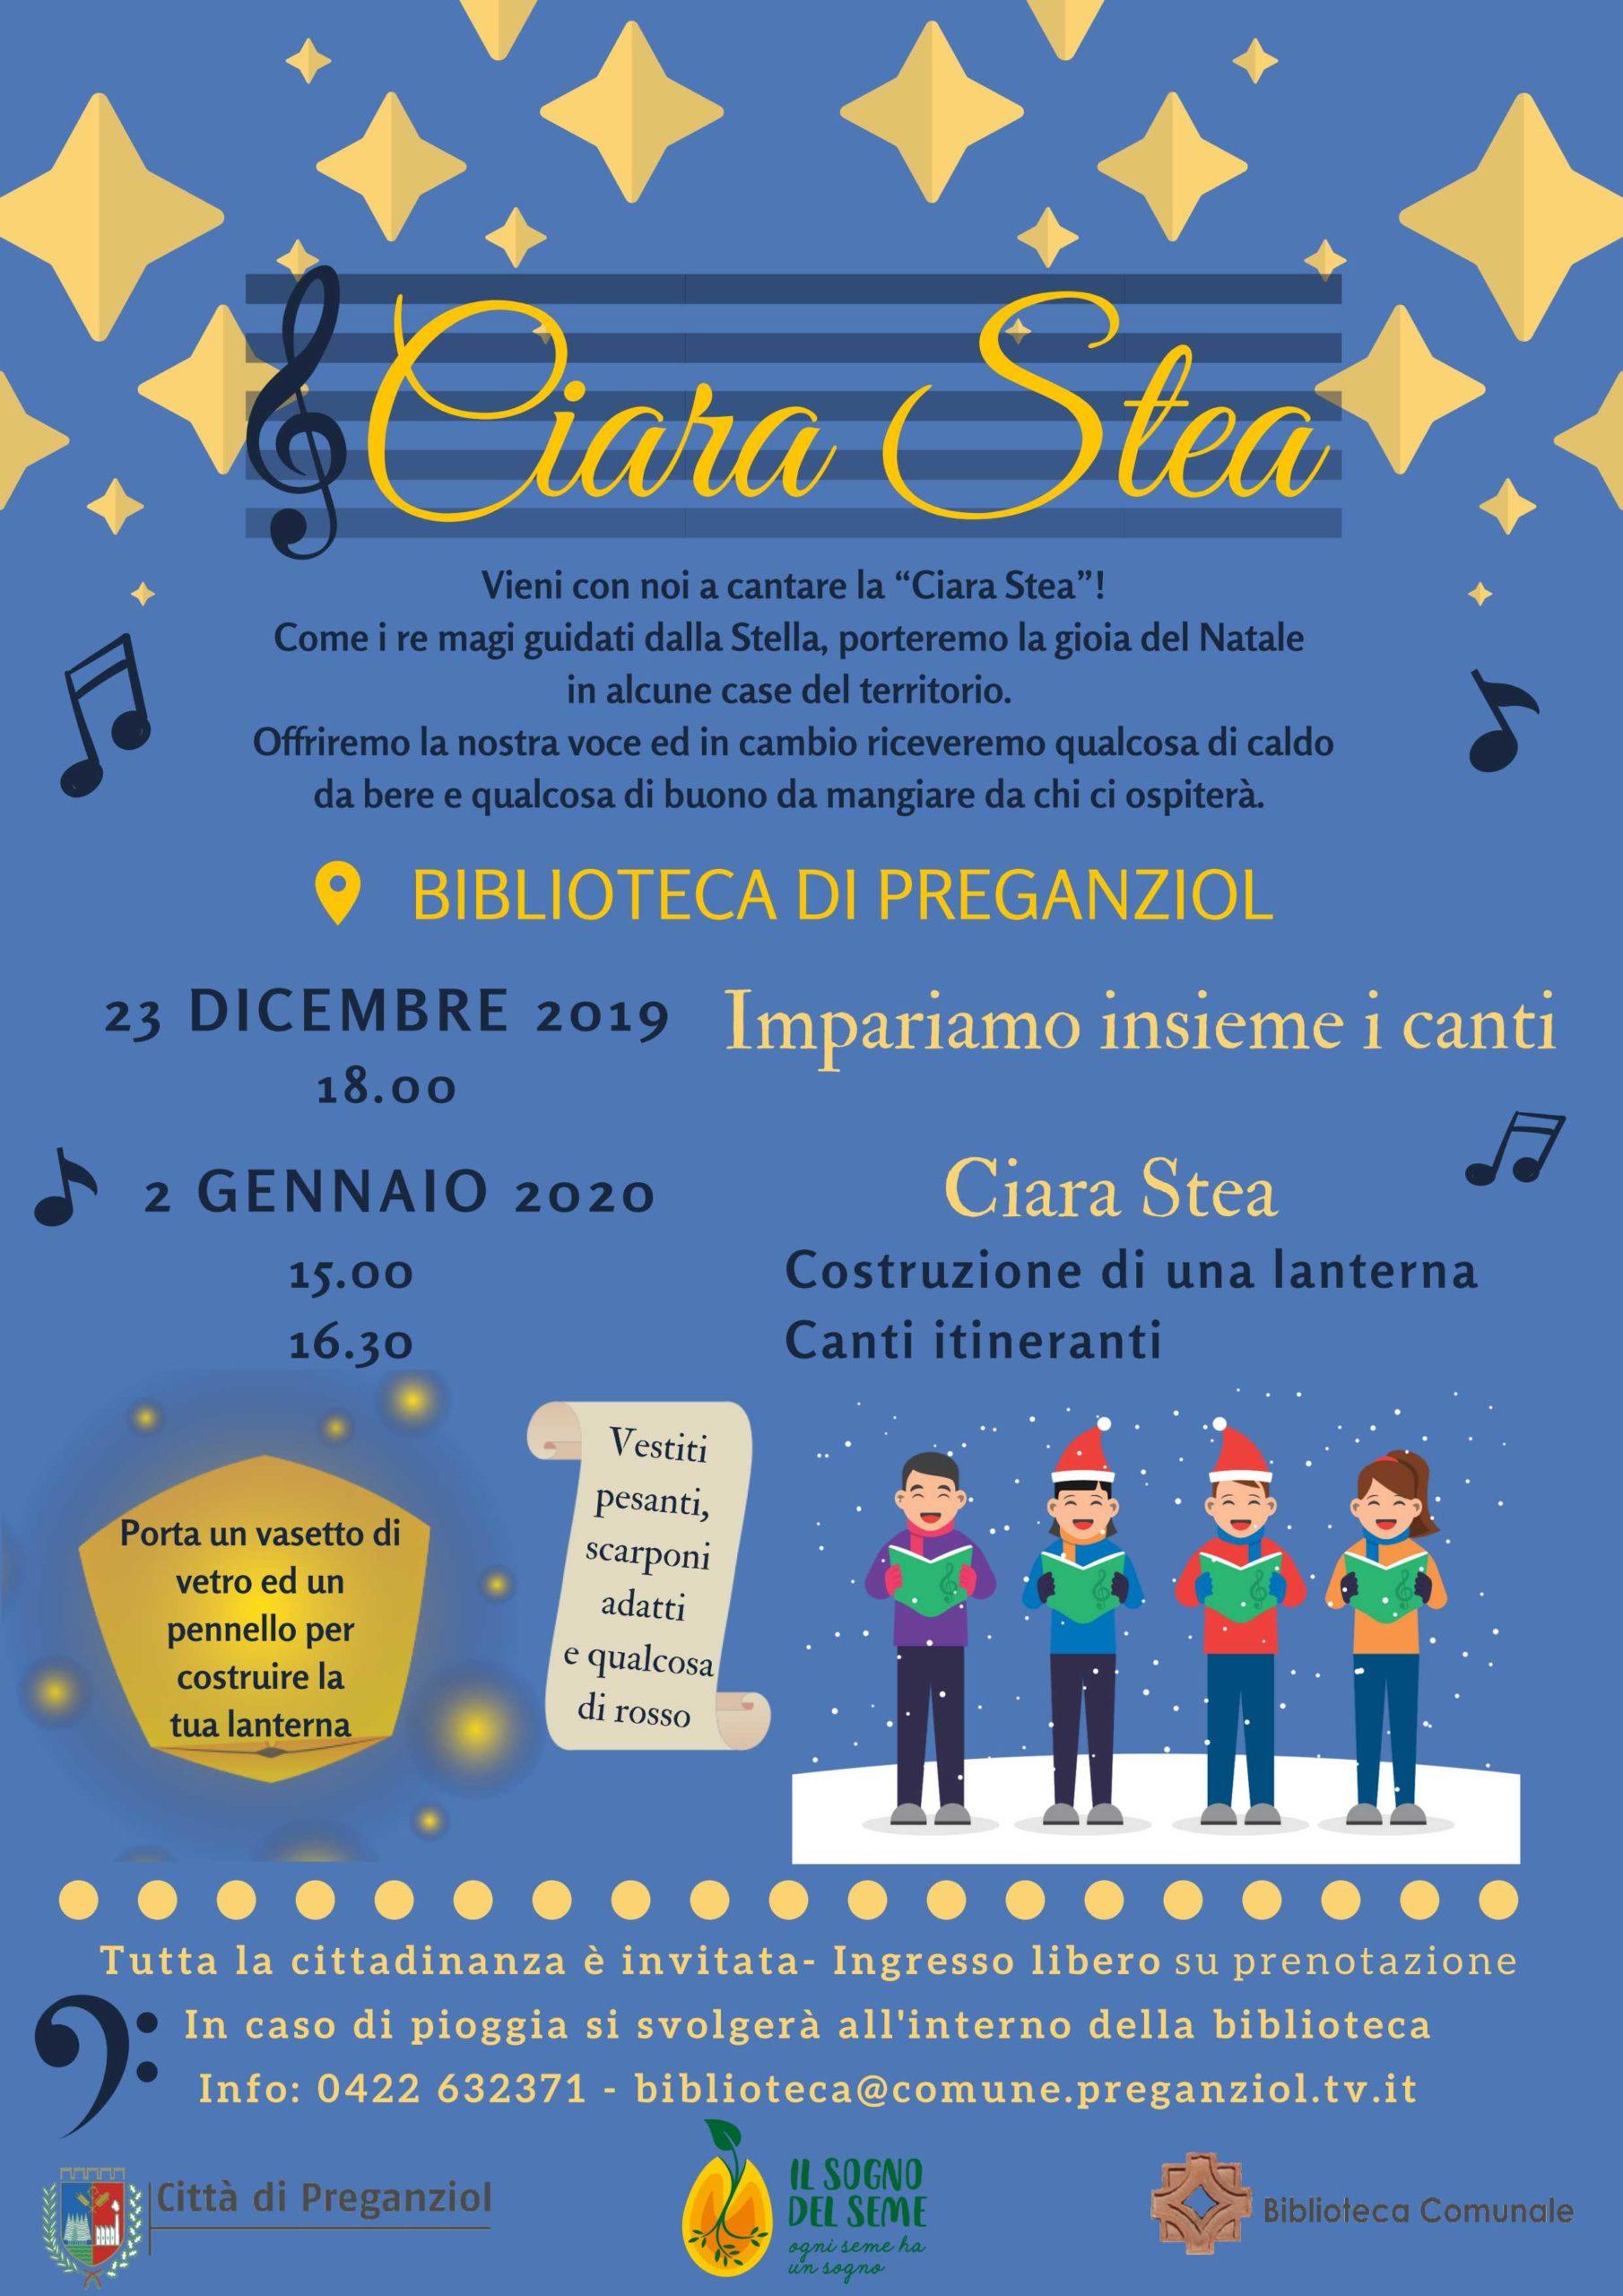 """""""Ciara stea"""" Vieni con noi a cantare! 2 gennaio 2020 in biblioteca comunale"""